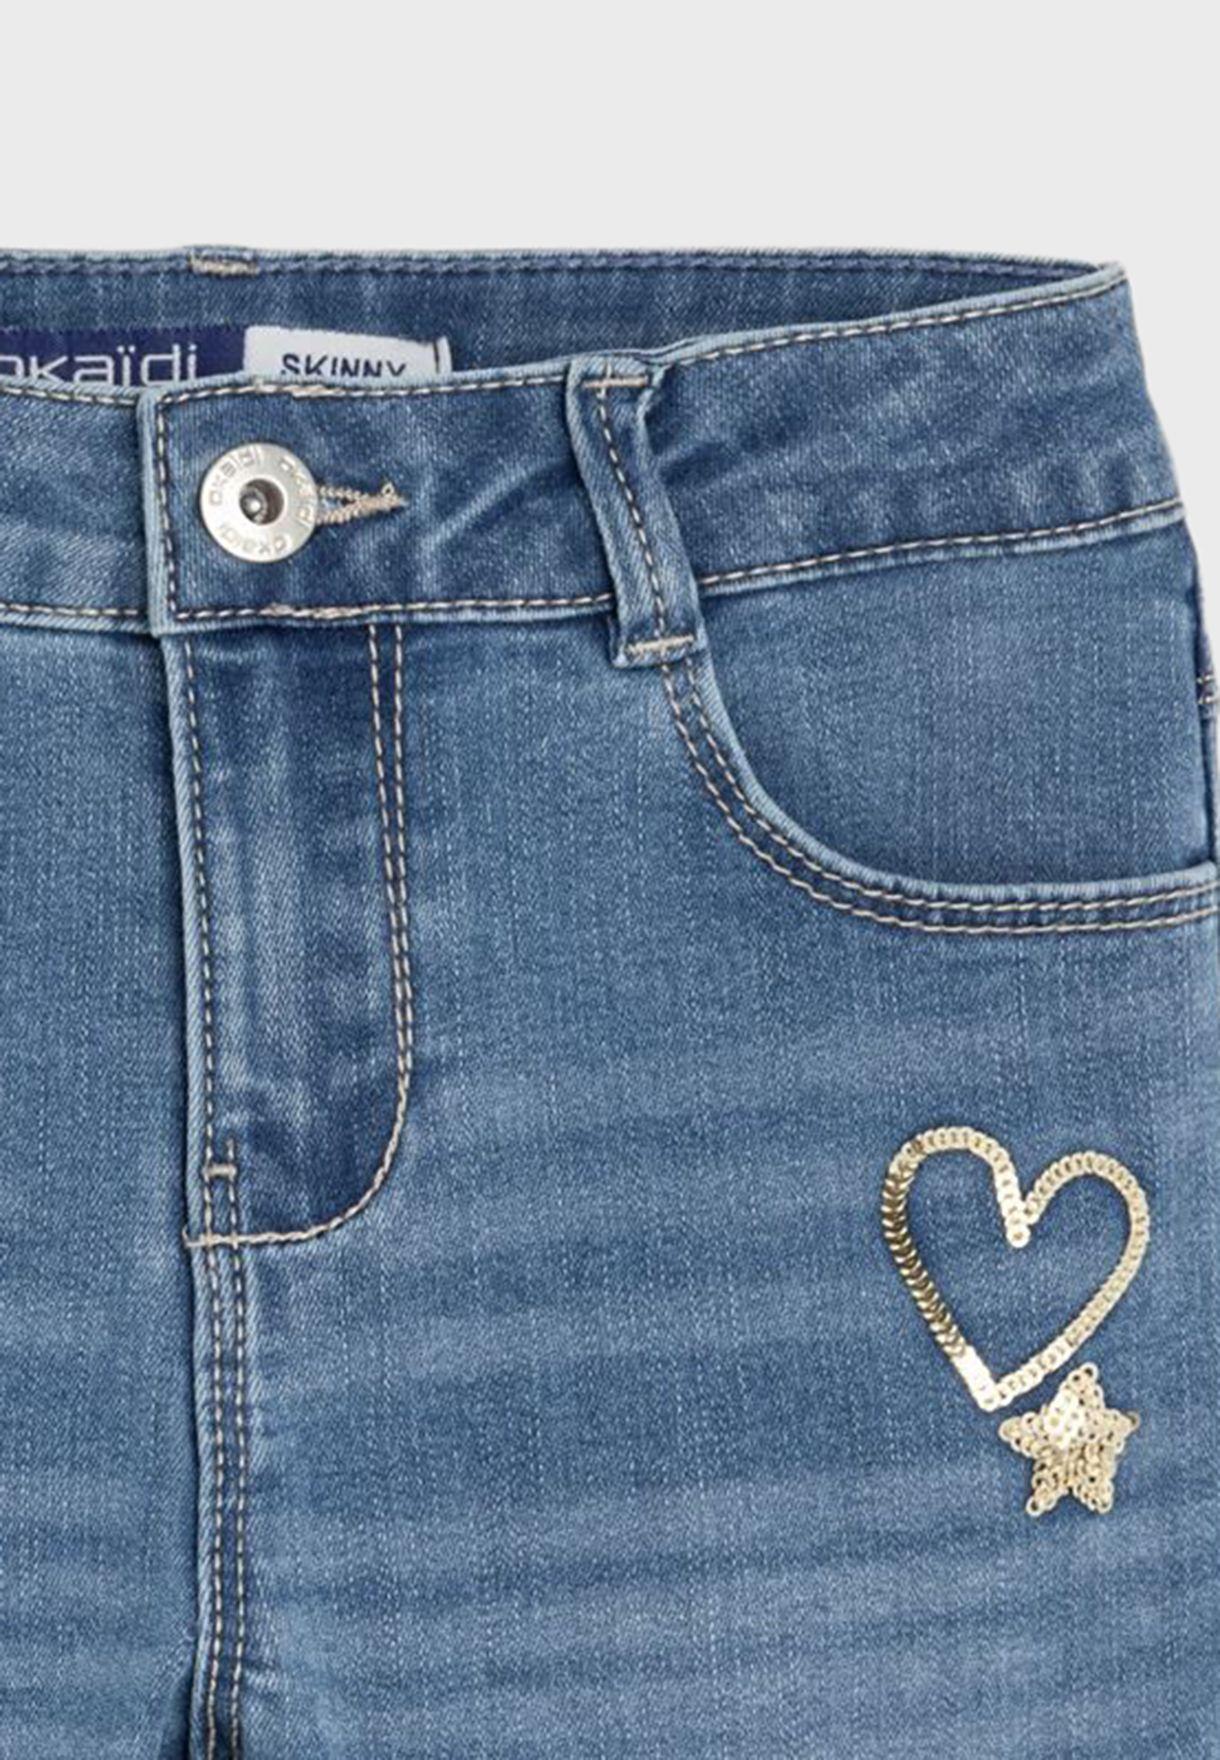 جينز مزين بالترتر